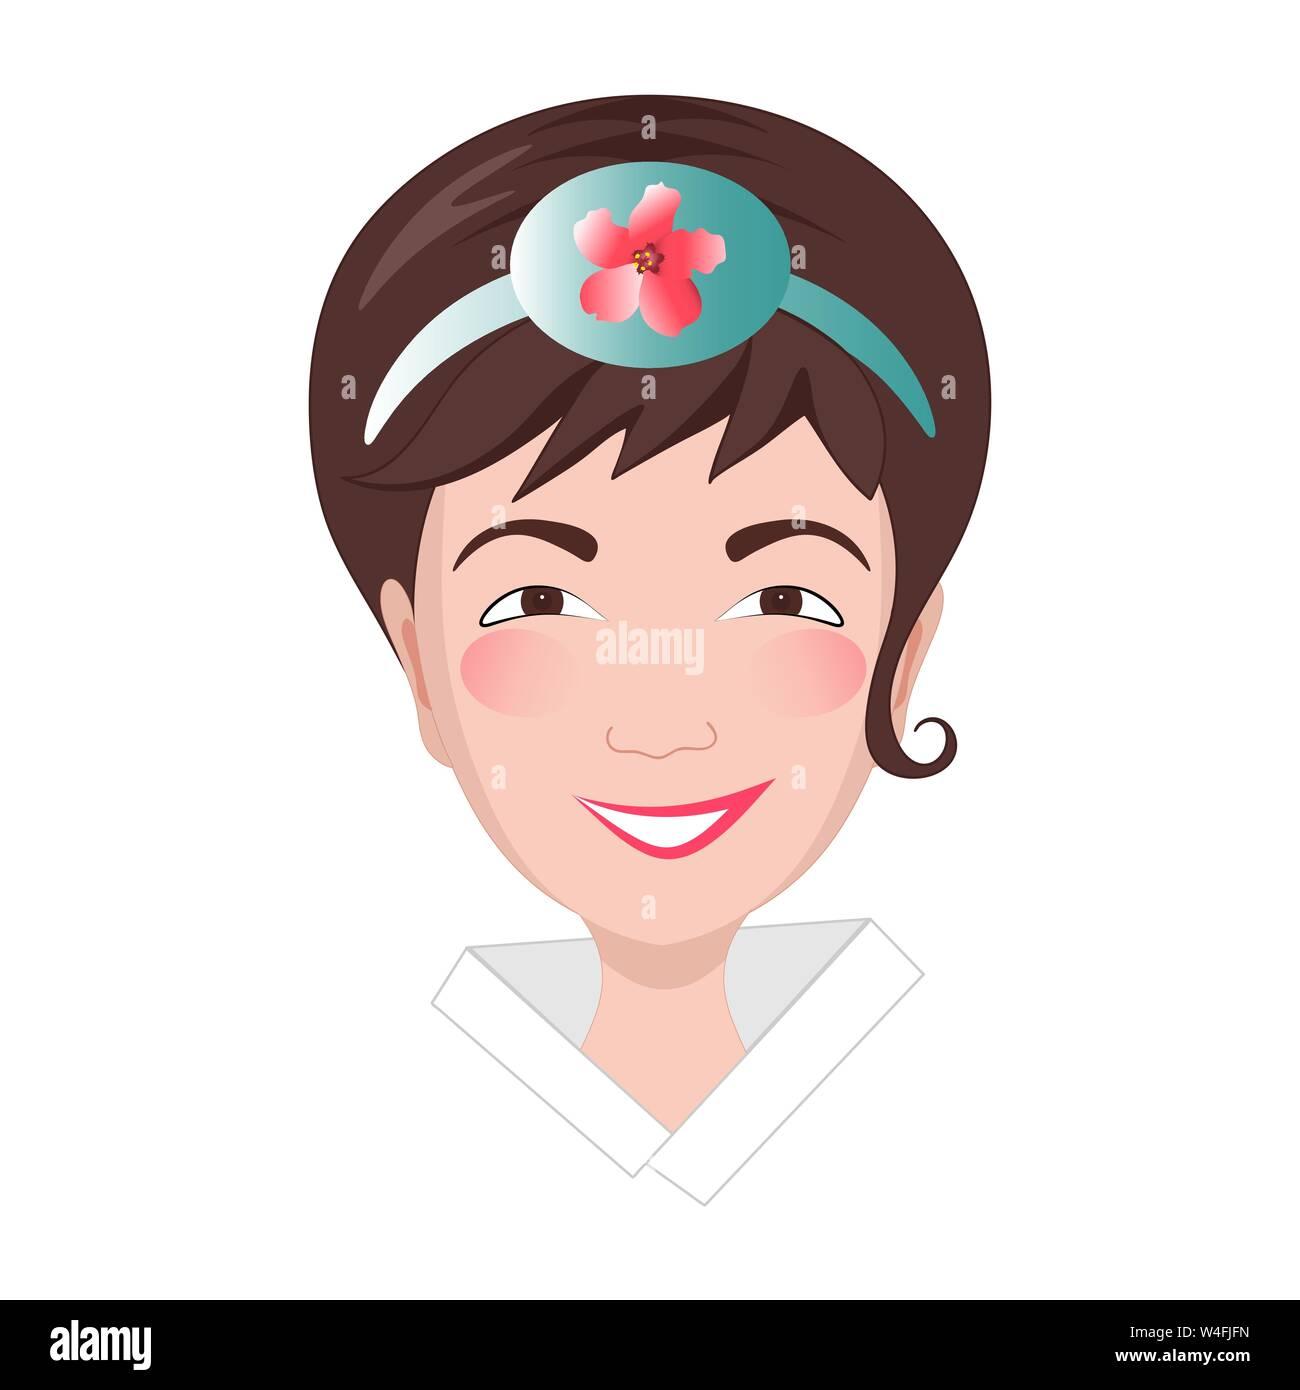 Asian girl's head dans le style. La jeune femme a un bandeau sur la tête avec l'image d'une fleur nationale mugunhwa. Illustration de Vecteur